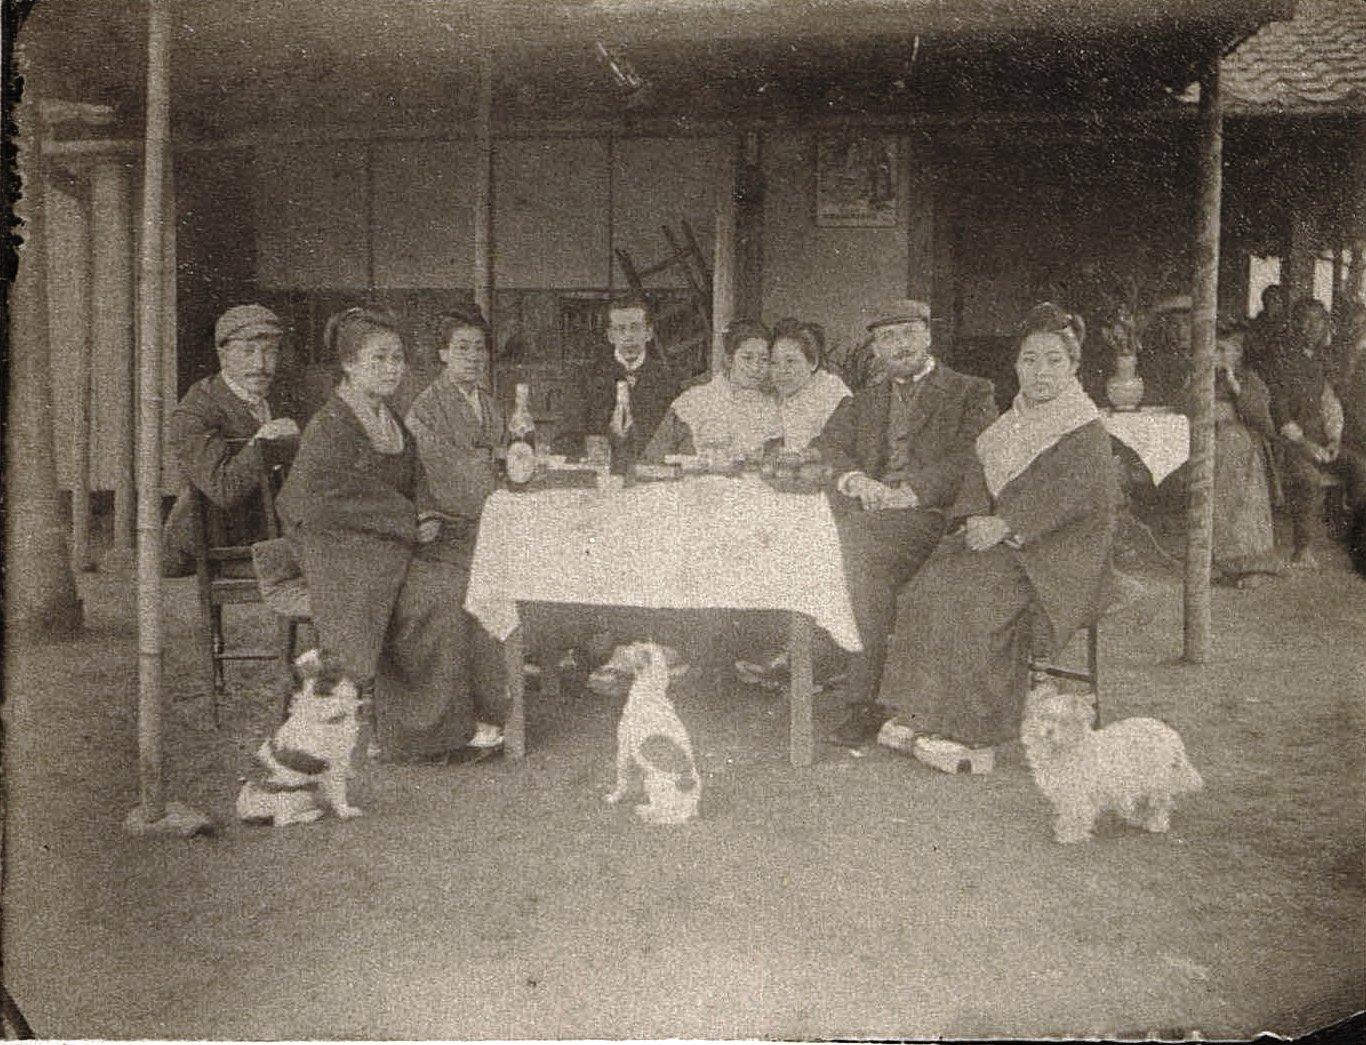 1899. Нагасаки. Русские и японцы за столом